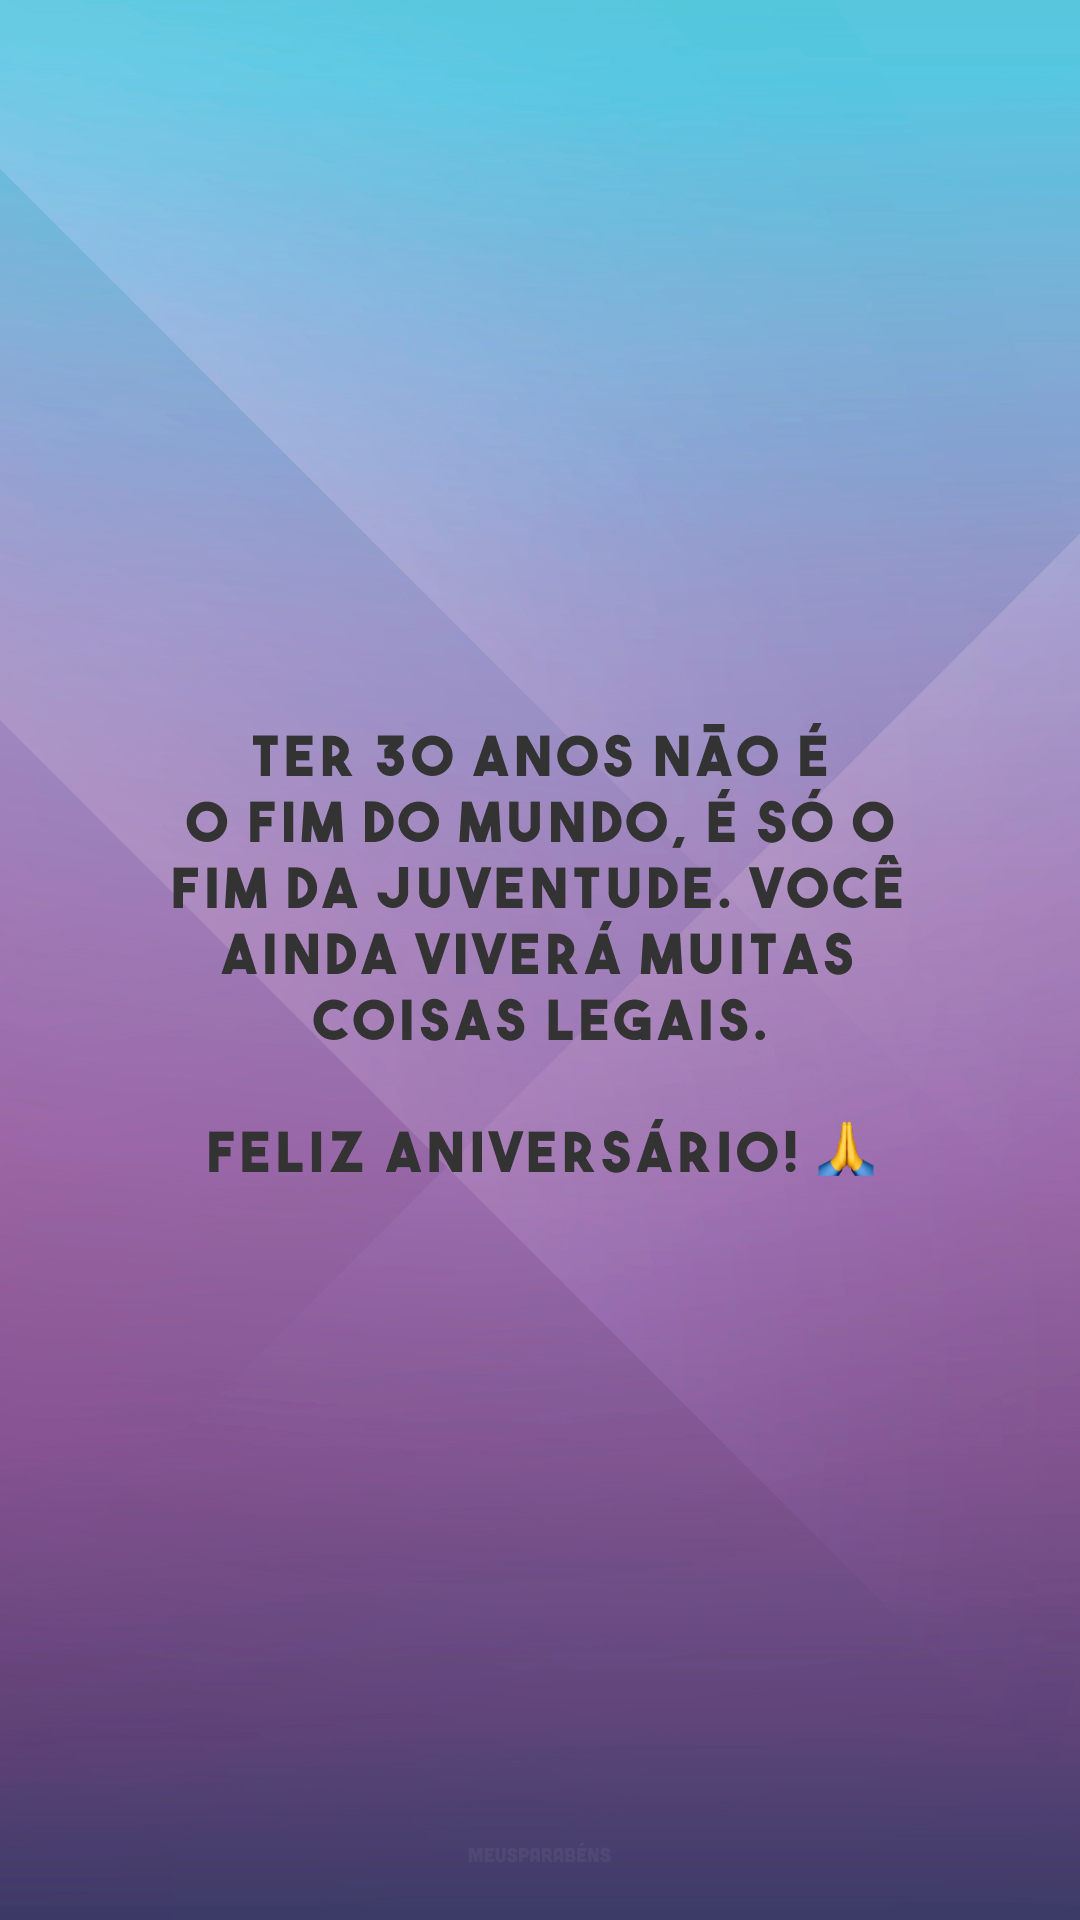 Ter 30 anos não é o fim do mundo, é só o fim da juventude. Você ainda viverá muitas coisas legais. Feliz aniversário! 🙏